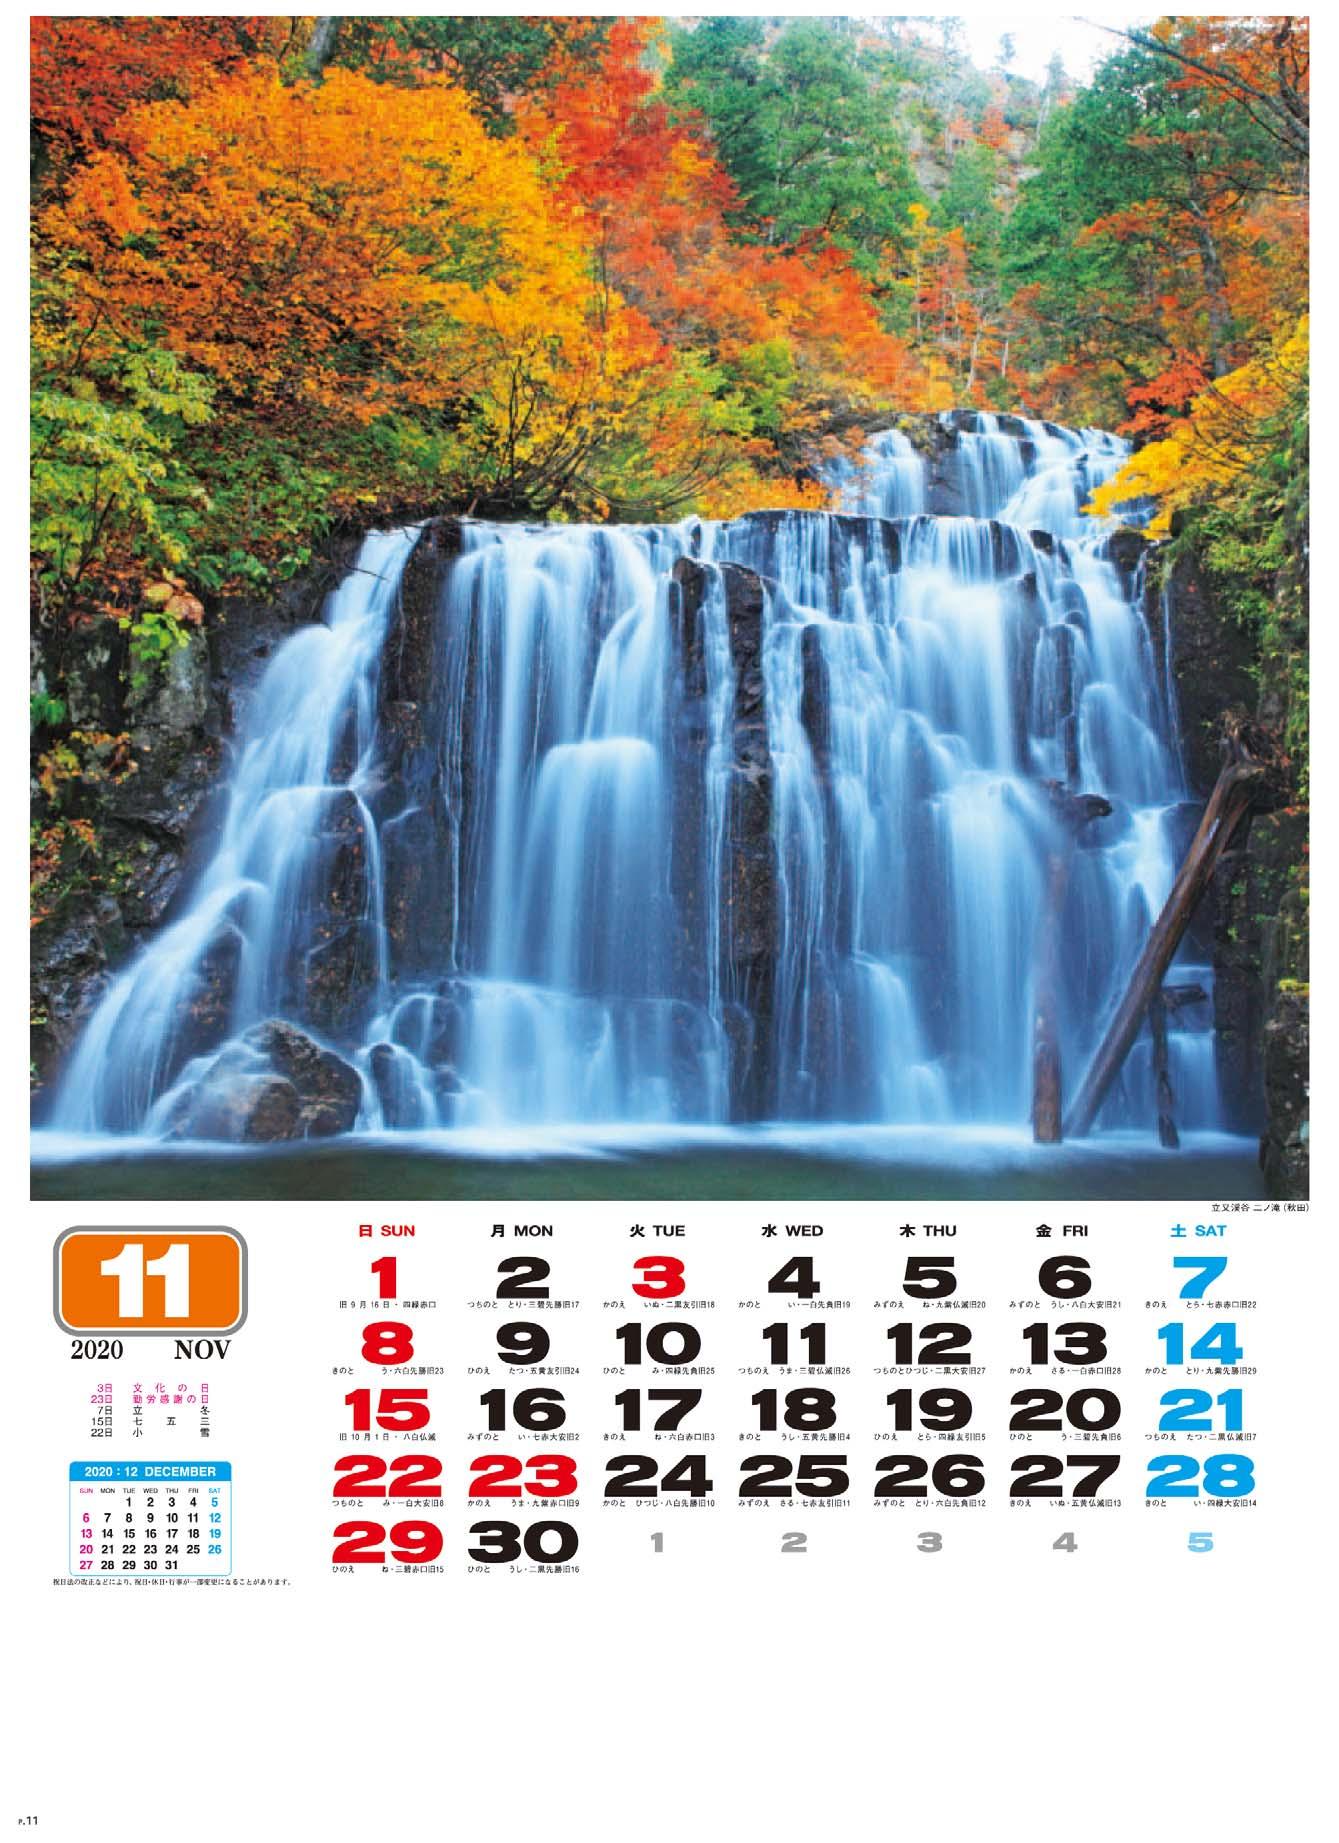 画像:立又渓谷 二ノ滝 (秋田) 美しき日本 2020年カレンダー